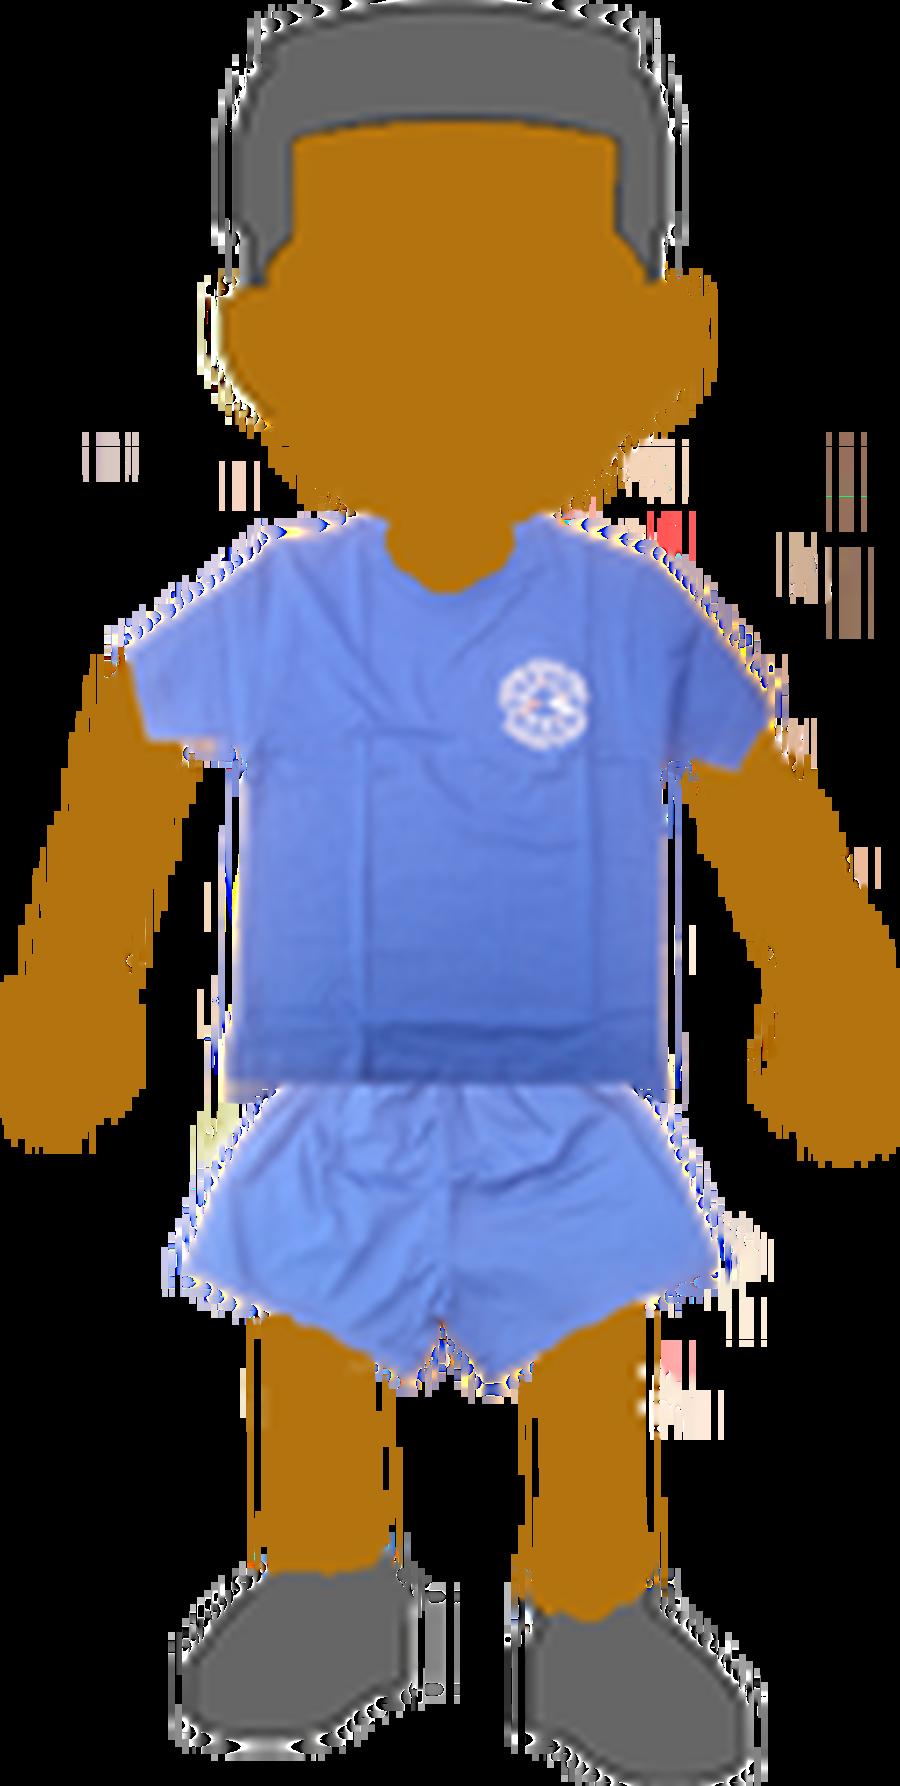 Free school uniform clipart graphic Wigmore Primary School - School Uniform > graphic